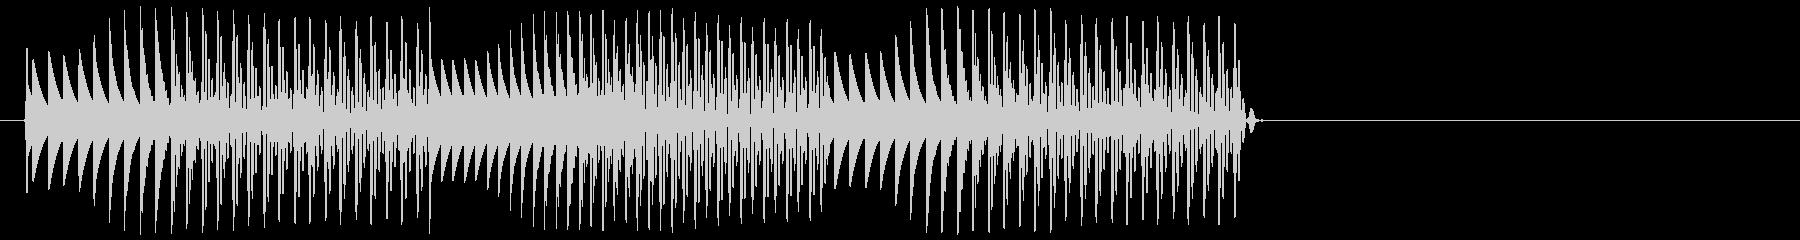 ビコビッ(アクセント・装飾音)の未再生の波形